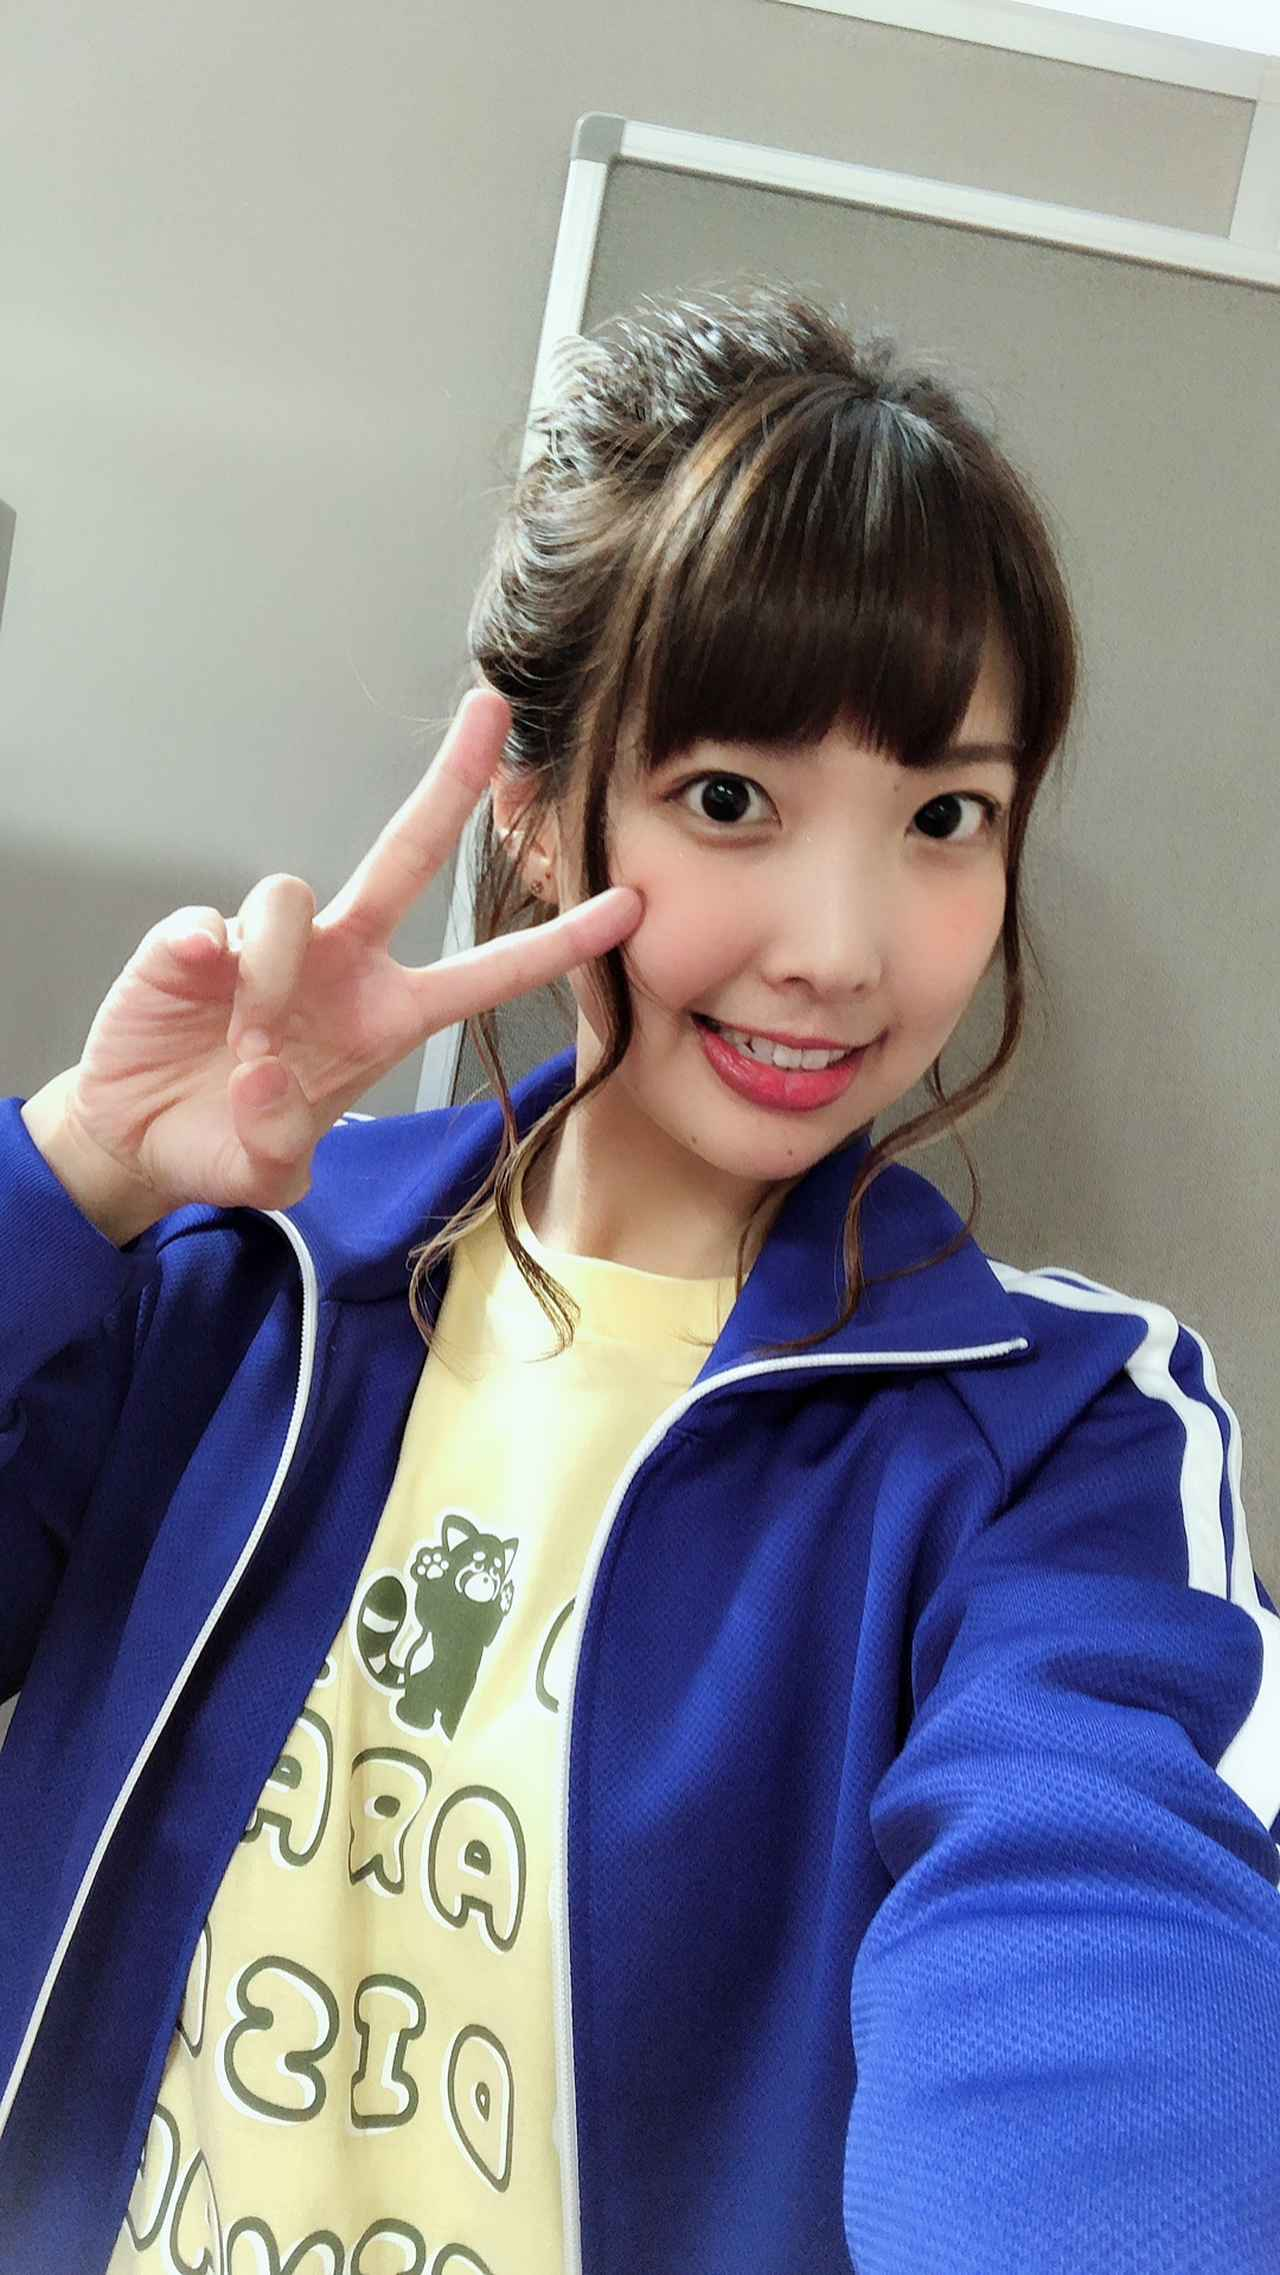 画像4: 【西田望見のA Little♡Rider】 はじめまして!声優の西田望見です